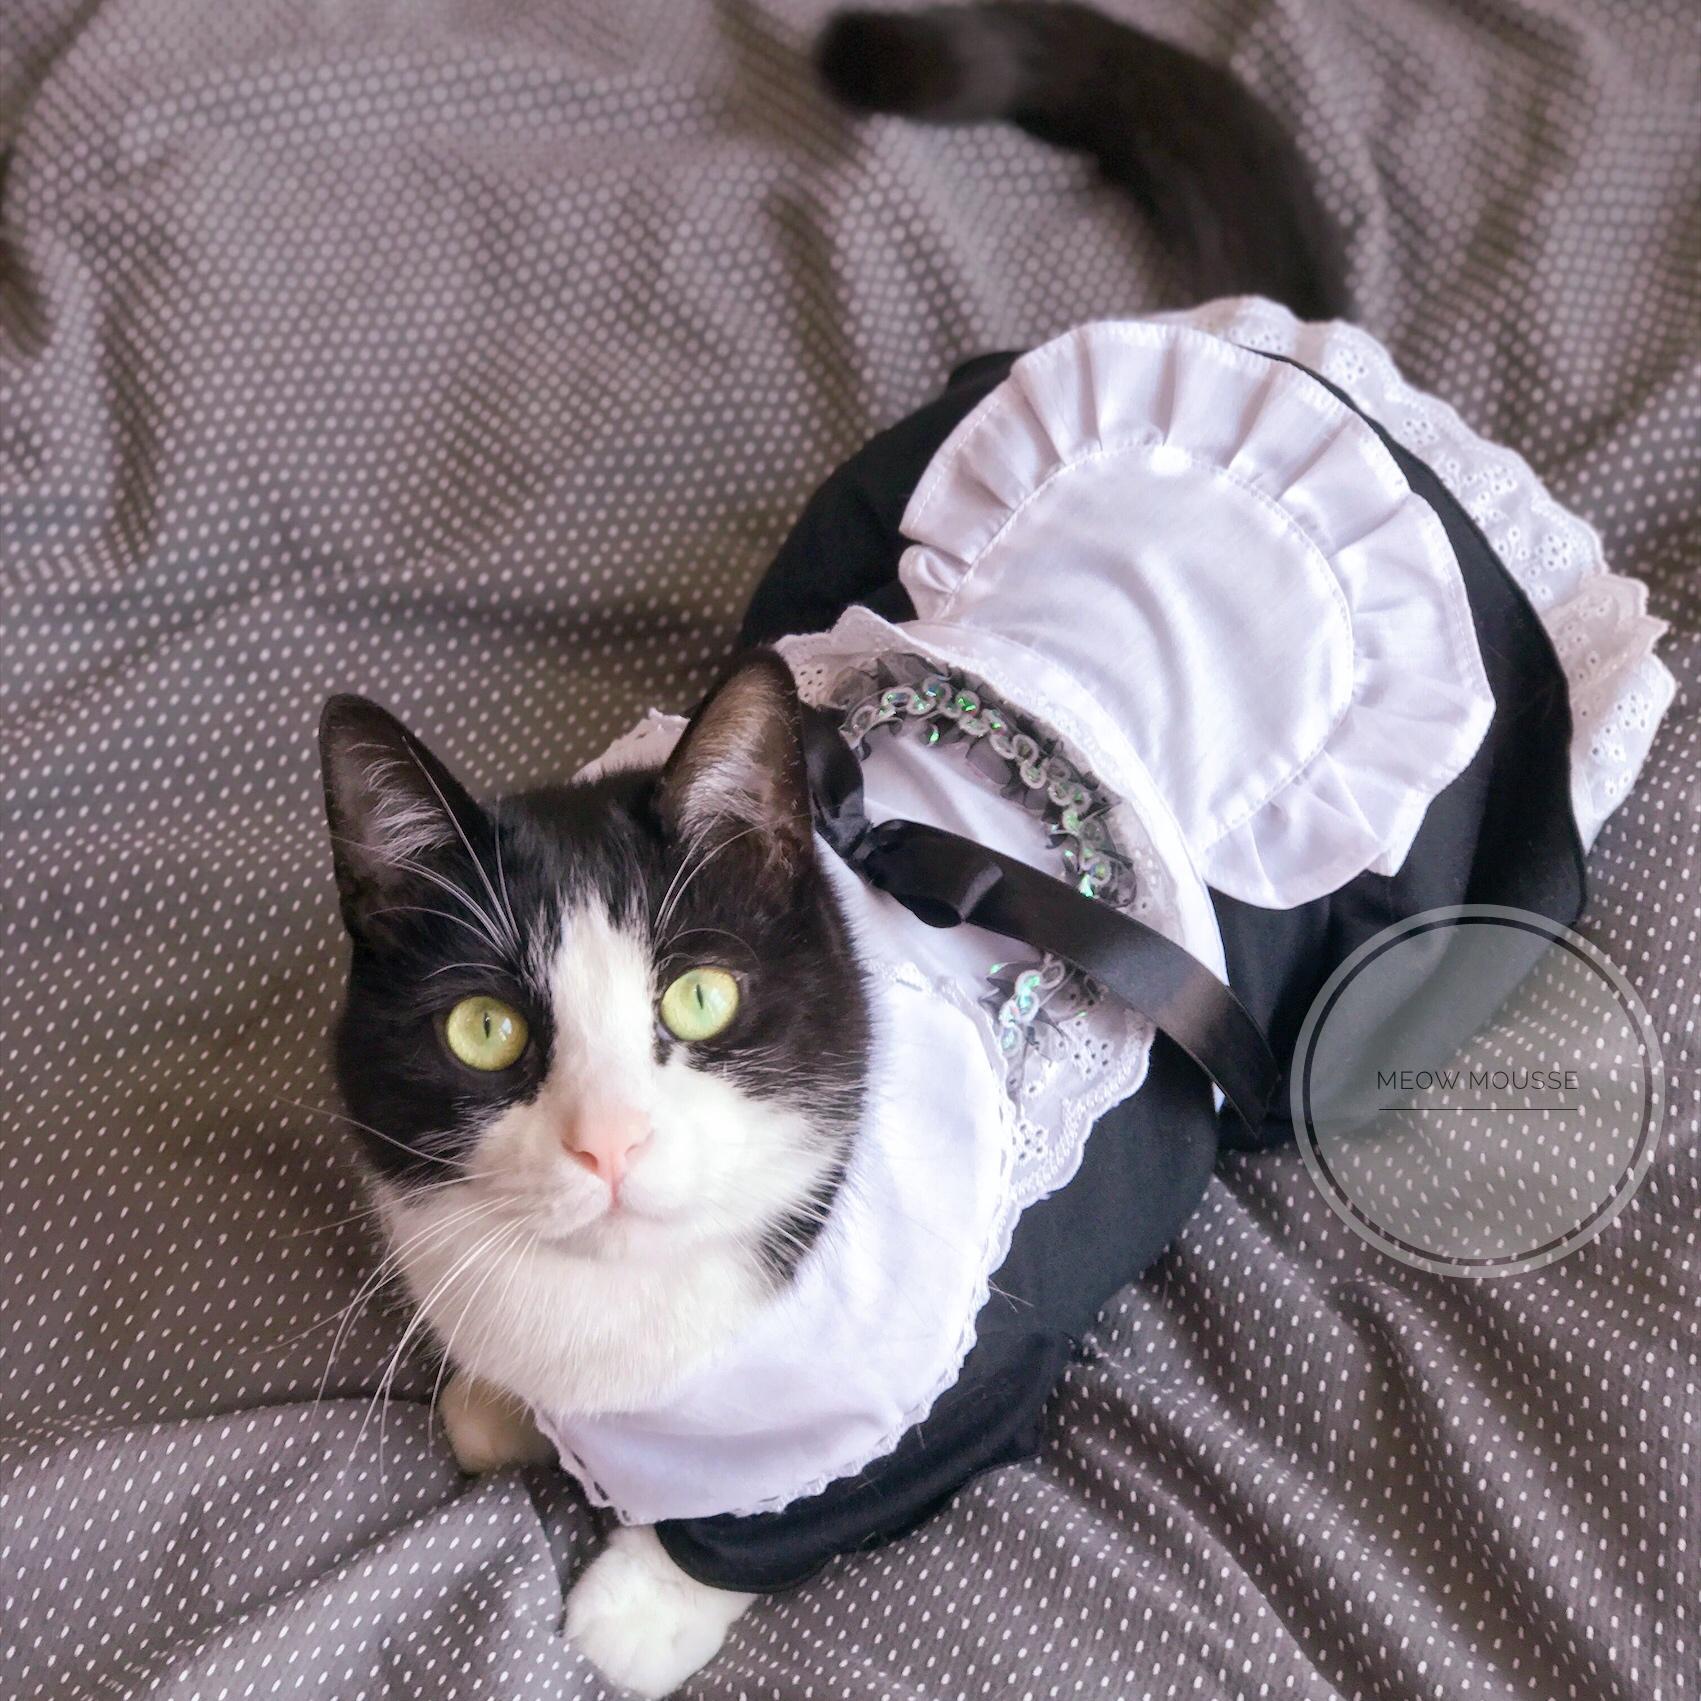 Meow mousse Kojima pet clothes cat clothes transfiguration dress dress dress cat dog clothes net red Maid Dress